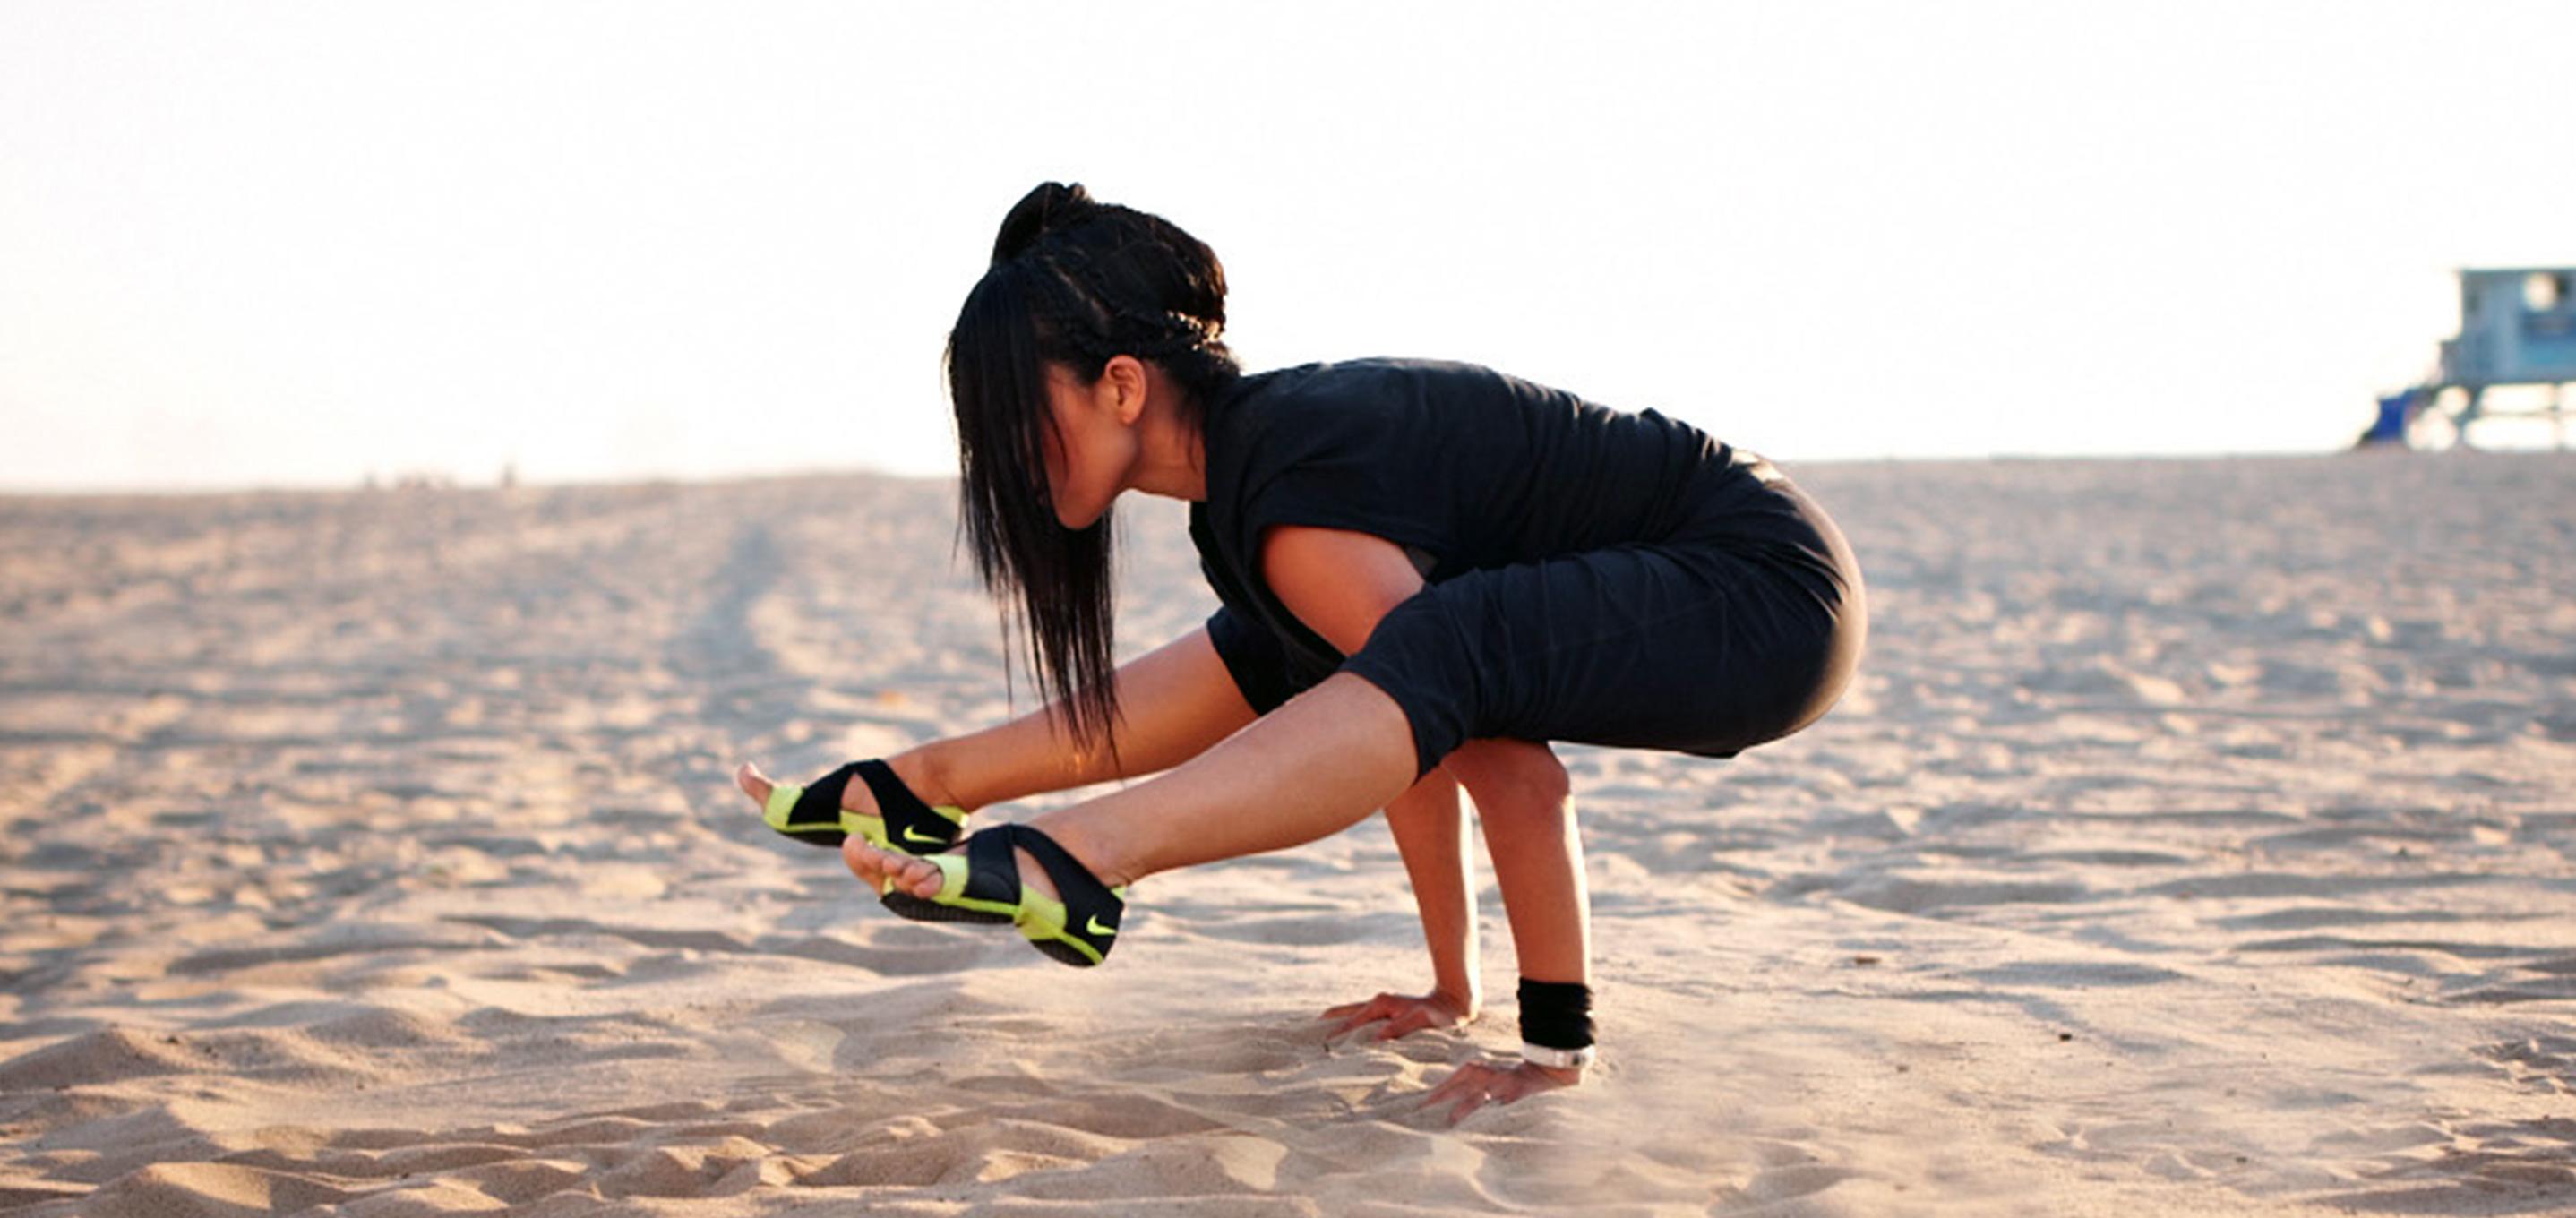 Nike women beach